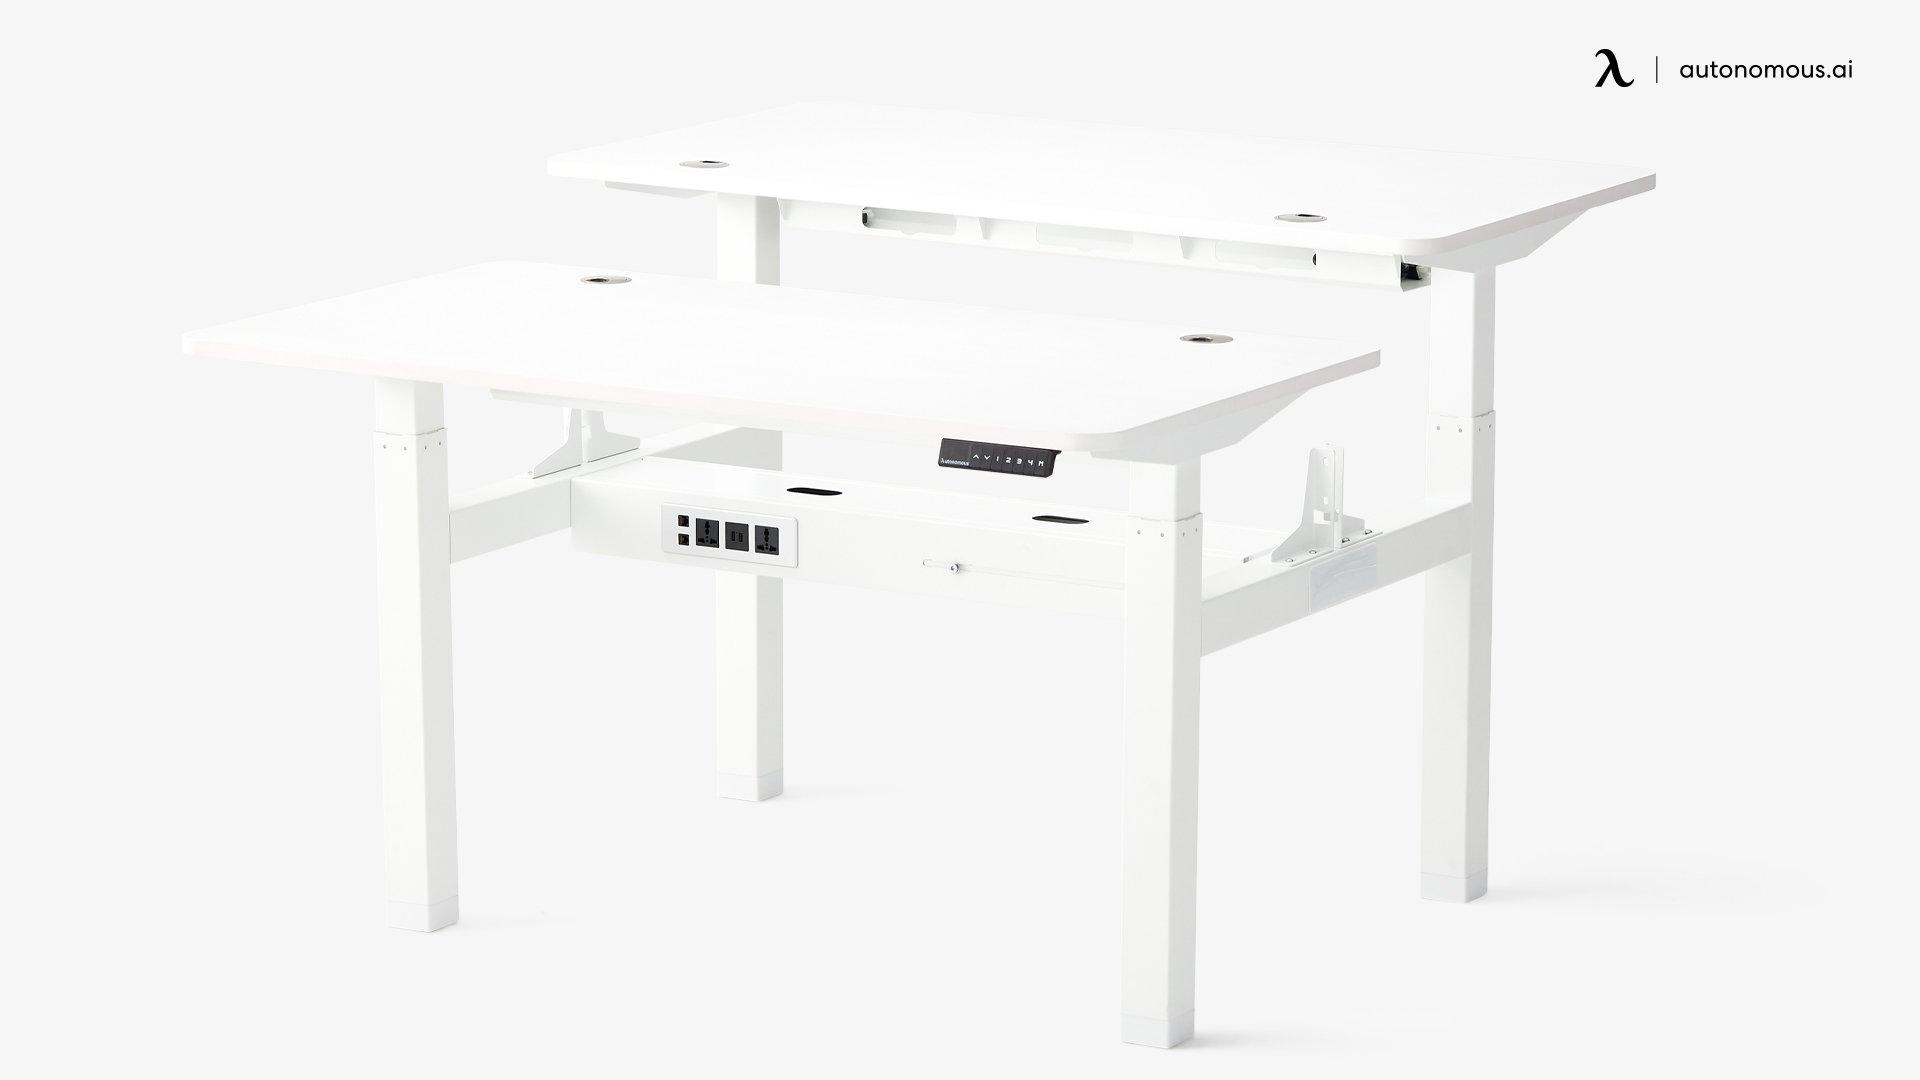 Double Desk by Autonomous